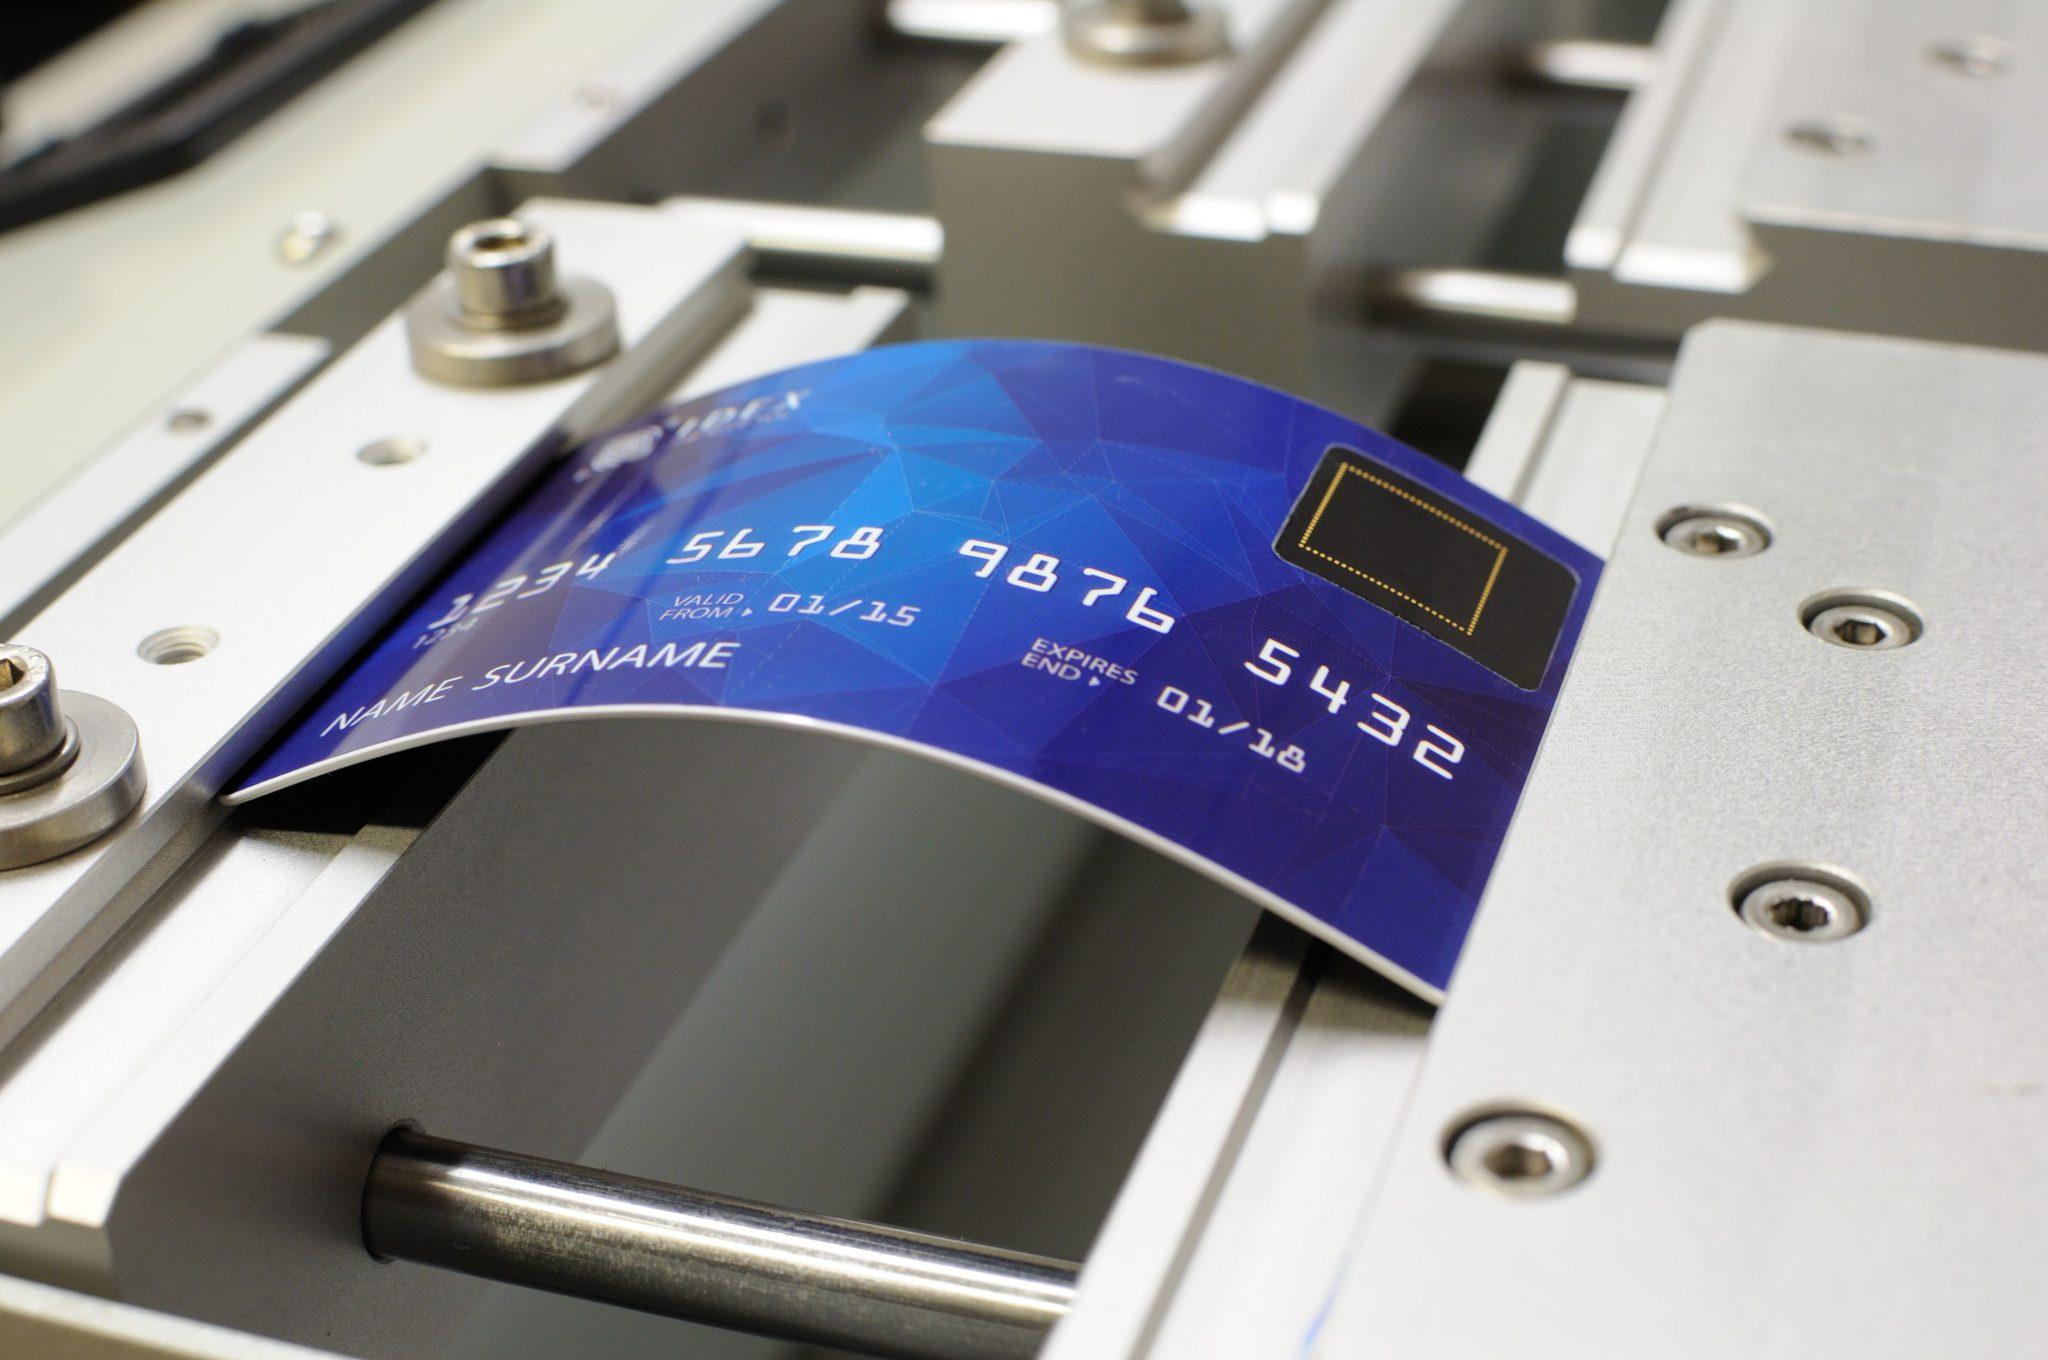 CB carte de paiement biométrique Mastercard capteur